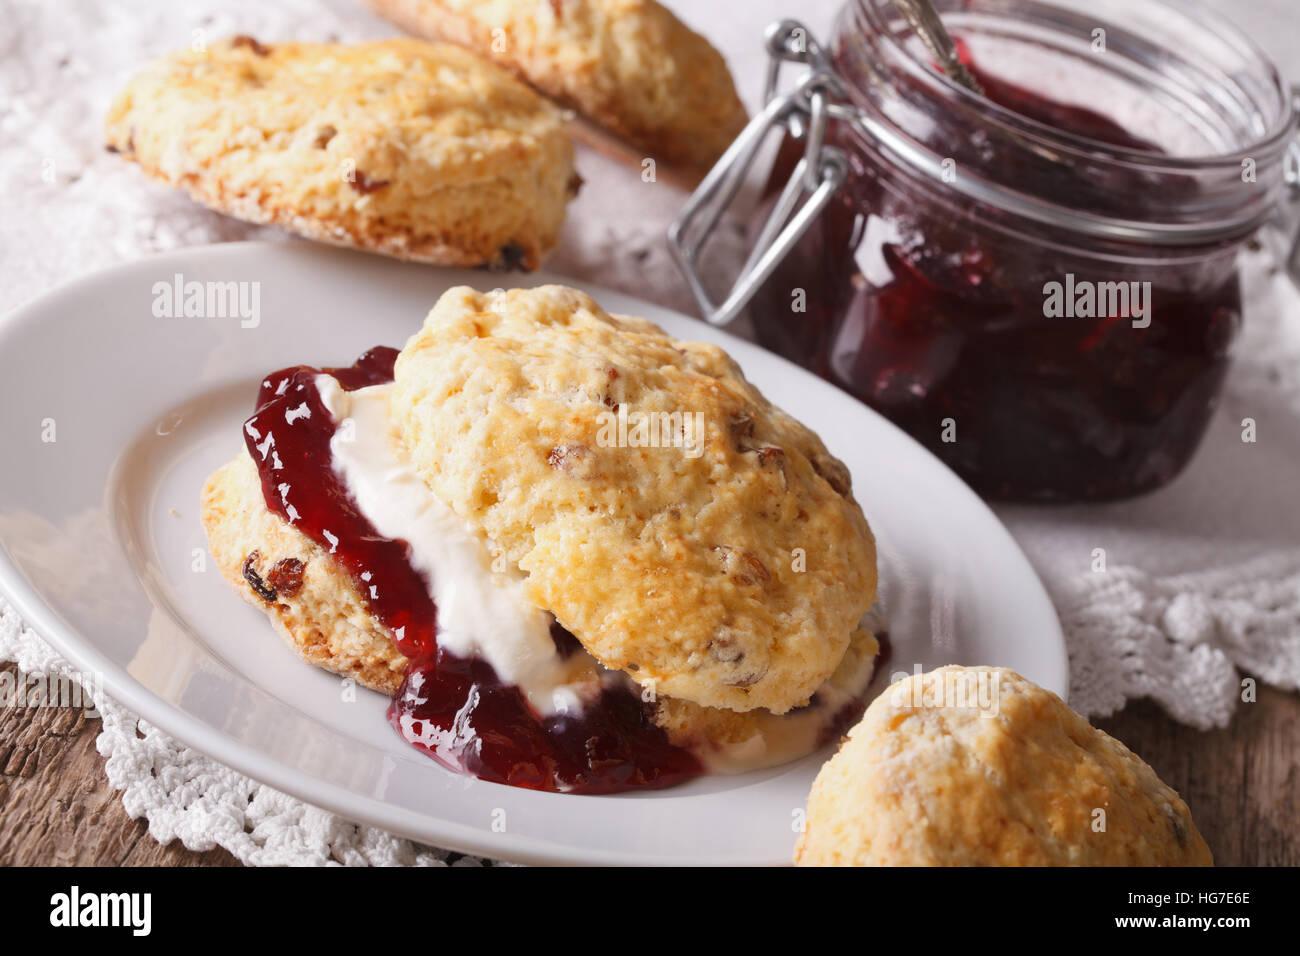 British scones avec confiture de fruits et crème fouettée close-up sur la table. L'horizontale Photo Stock